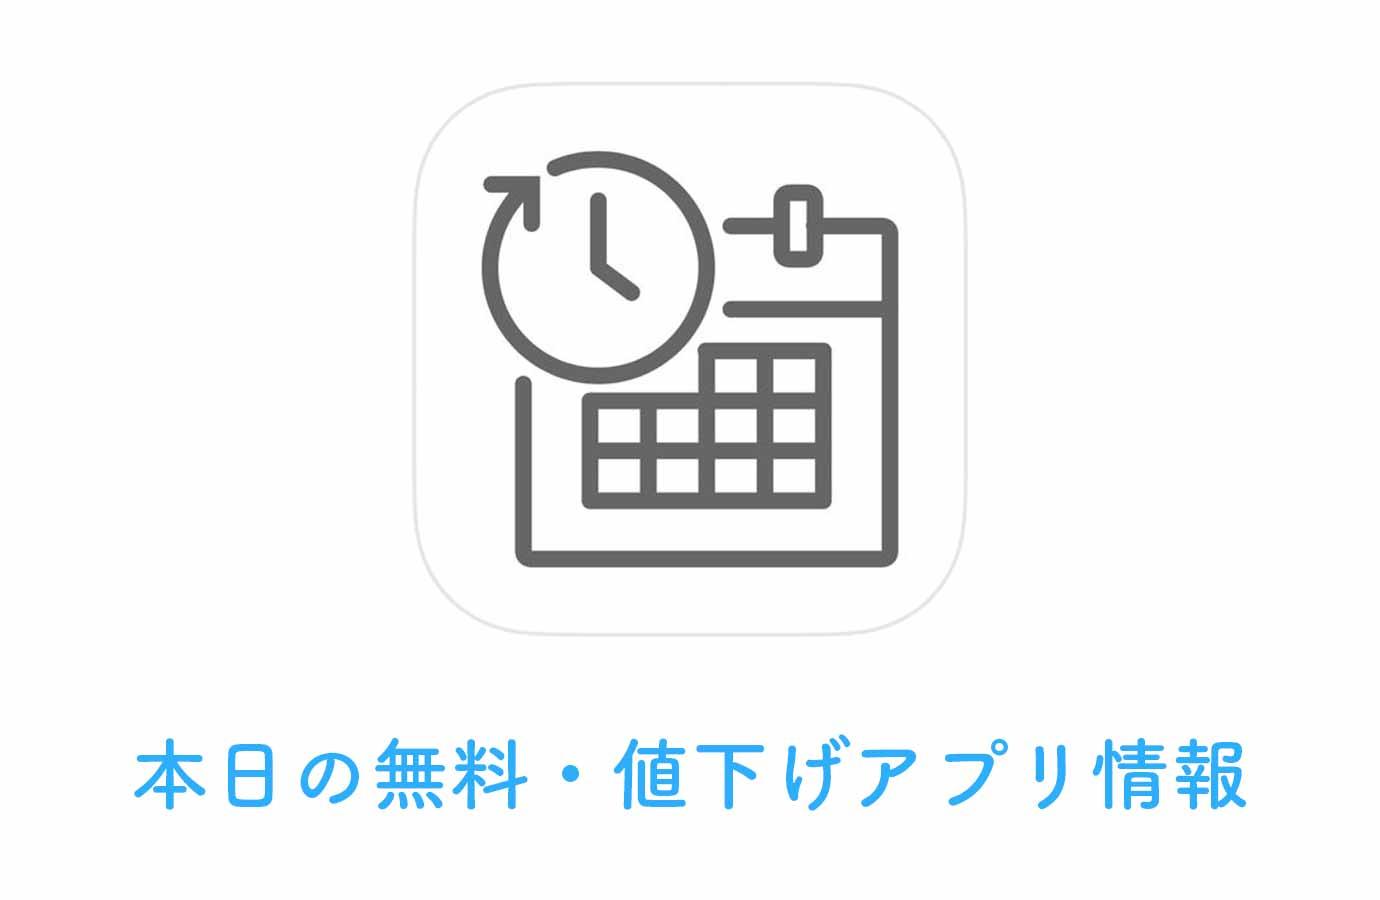 【120円→無料】設定した日付までカウントダウンしてくれる「Countdown+」など【2/27】本日の無料・値下げアプリ情報